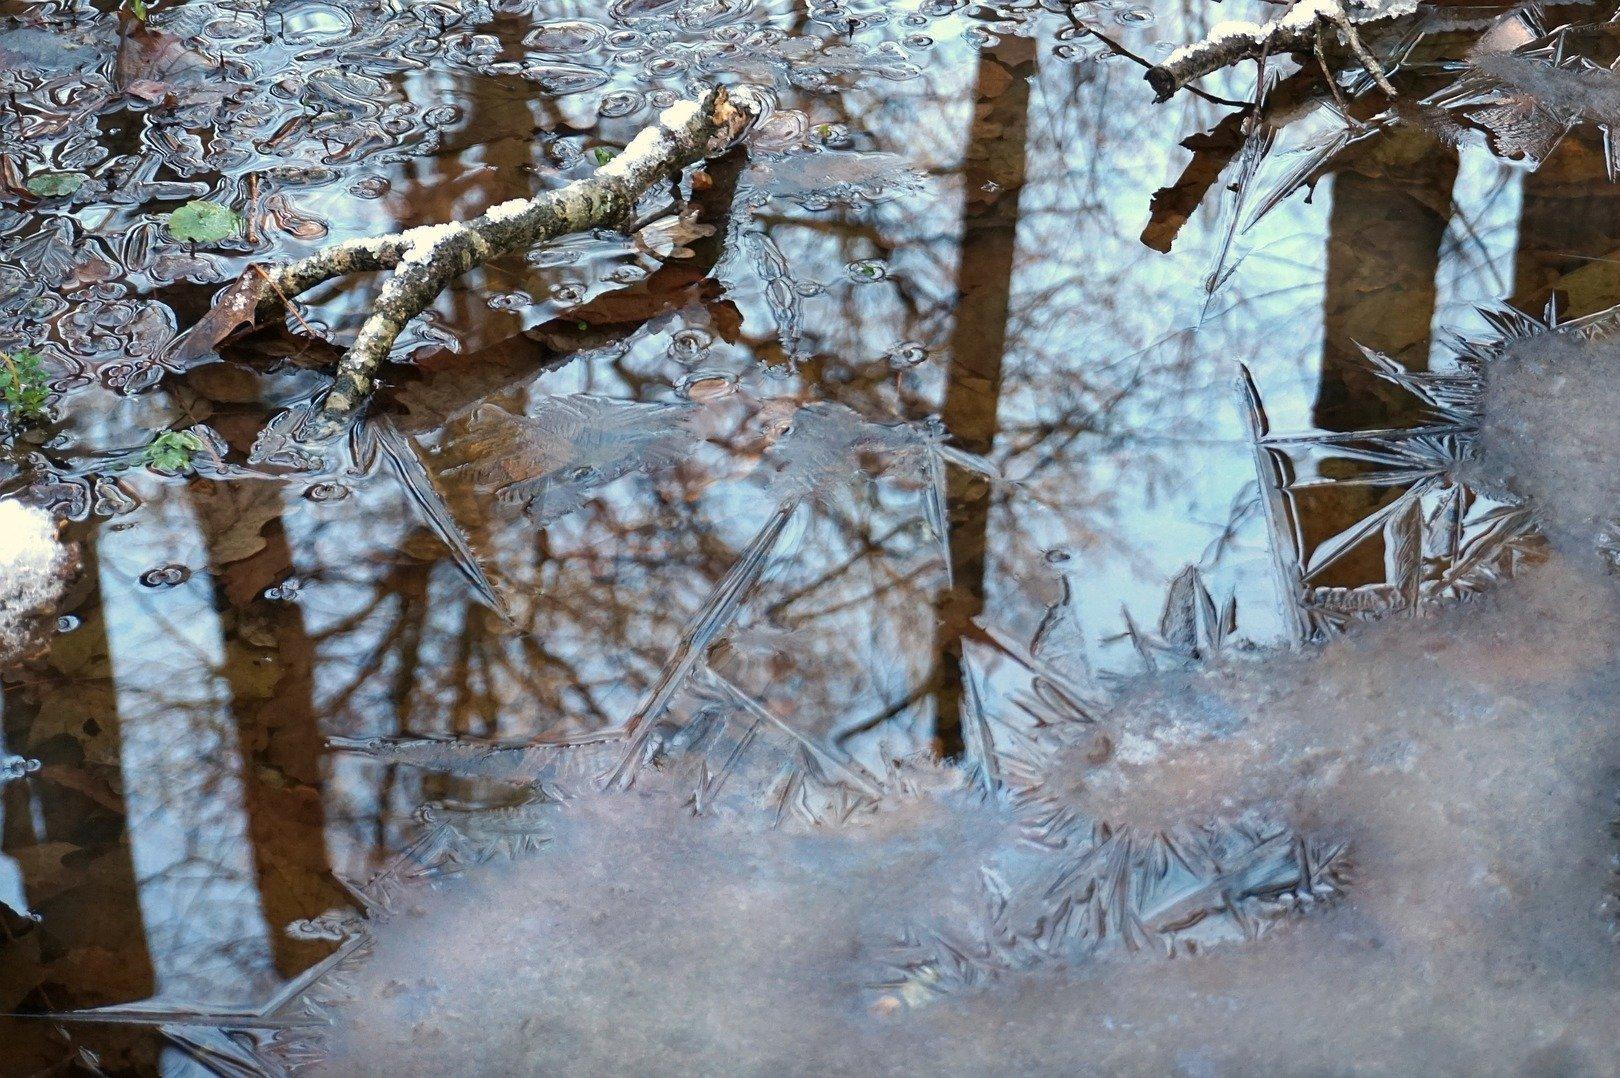 День водно-болотных угодий: жителям юга рассказали о празднике